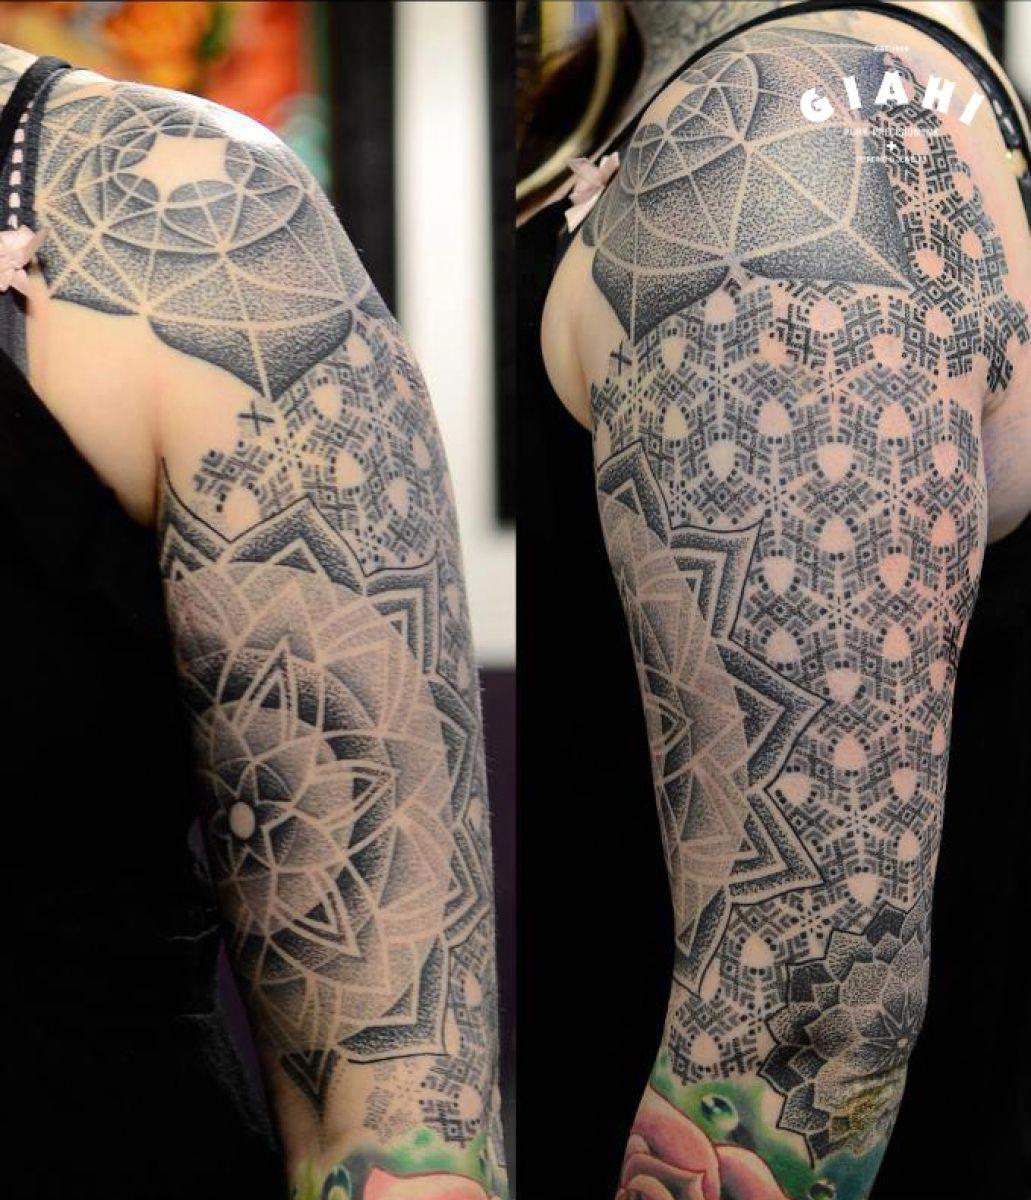 Flowers Dotwork tattoo sleeve by Andy Cryztalz